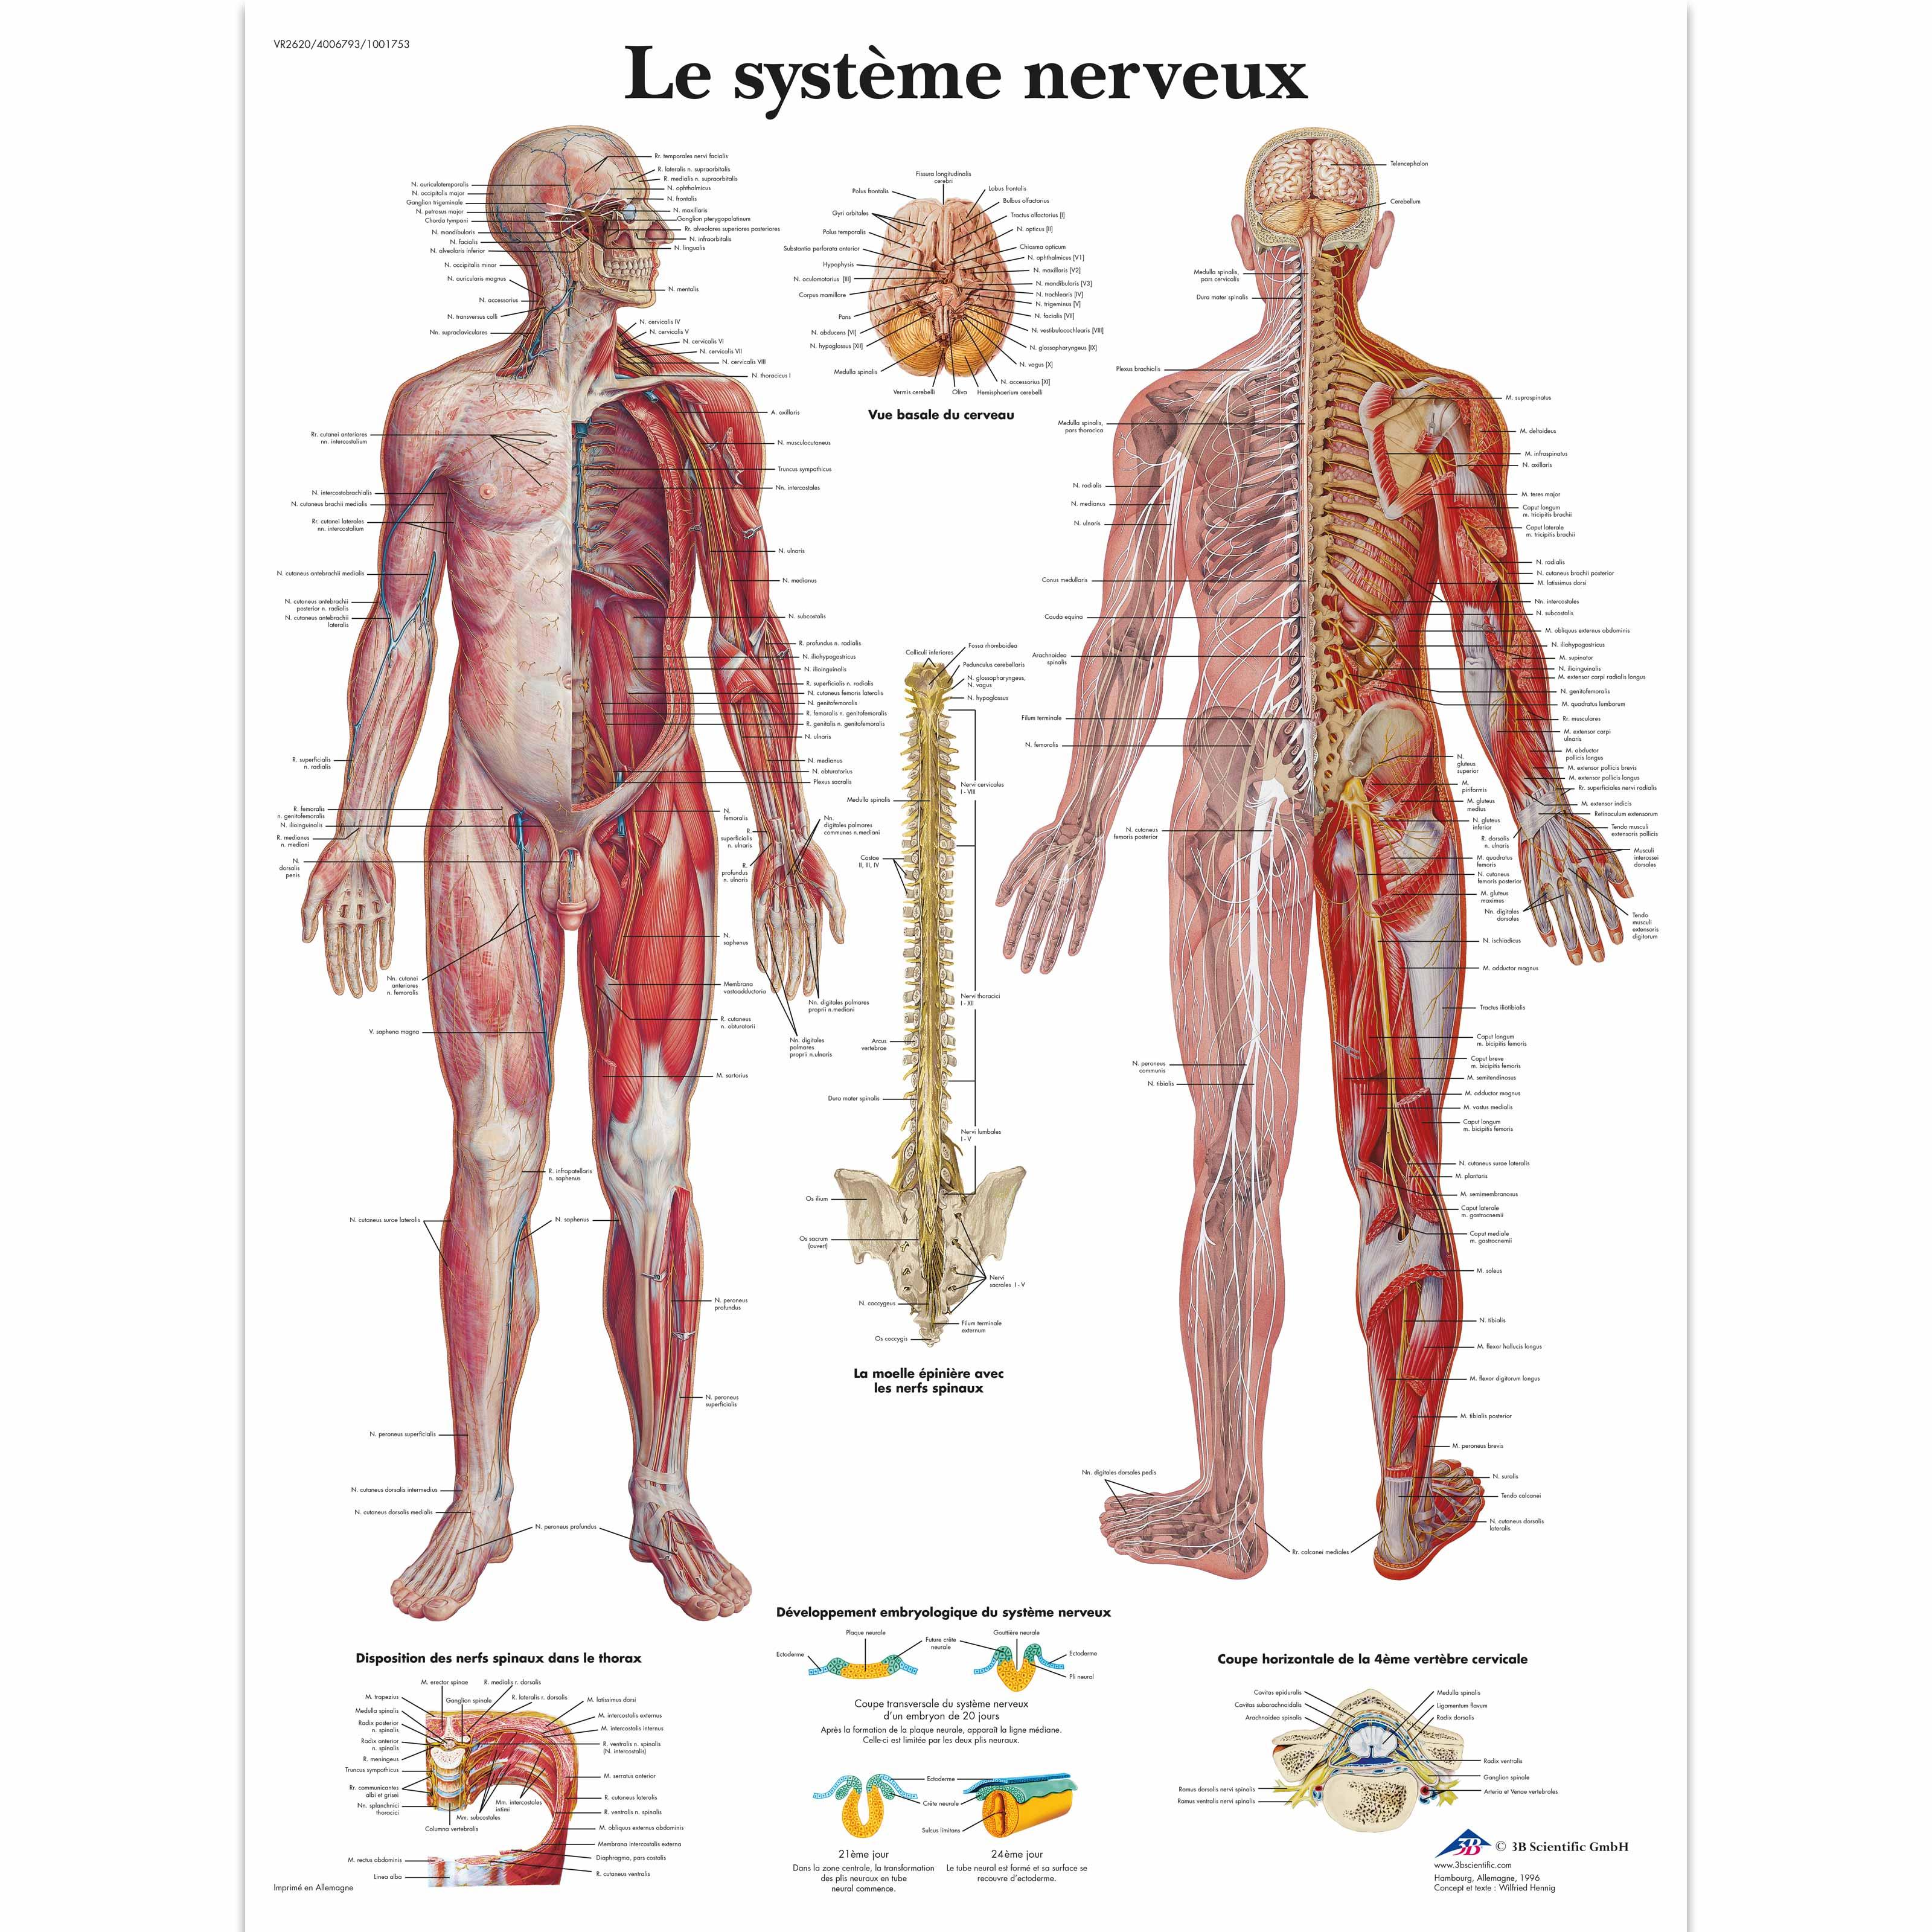 Le système nerveux - 4006793 - VR2620UU - Brain and Nervous system ...